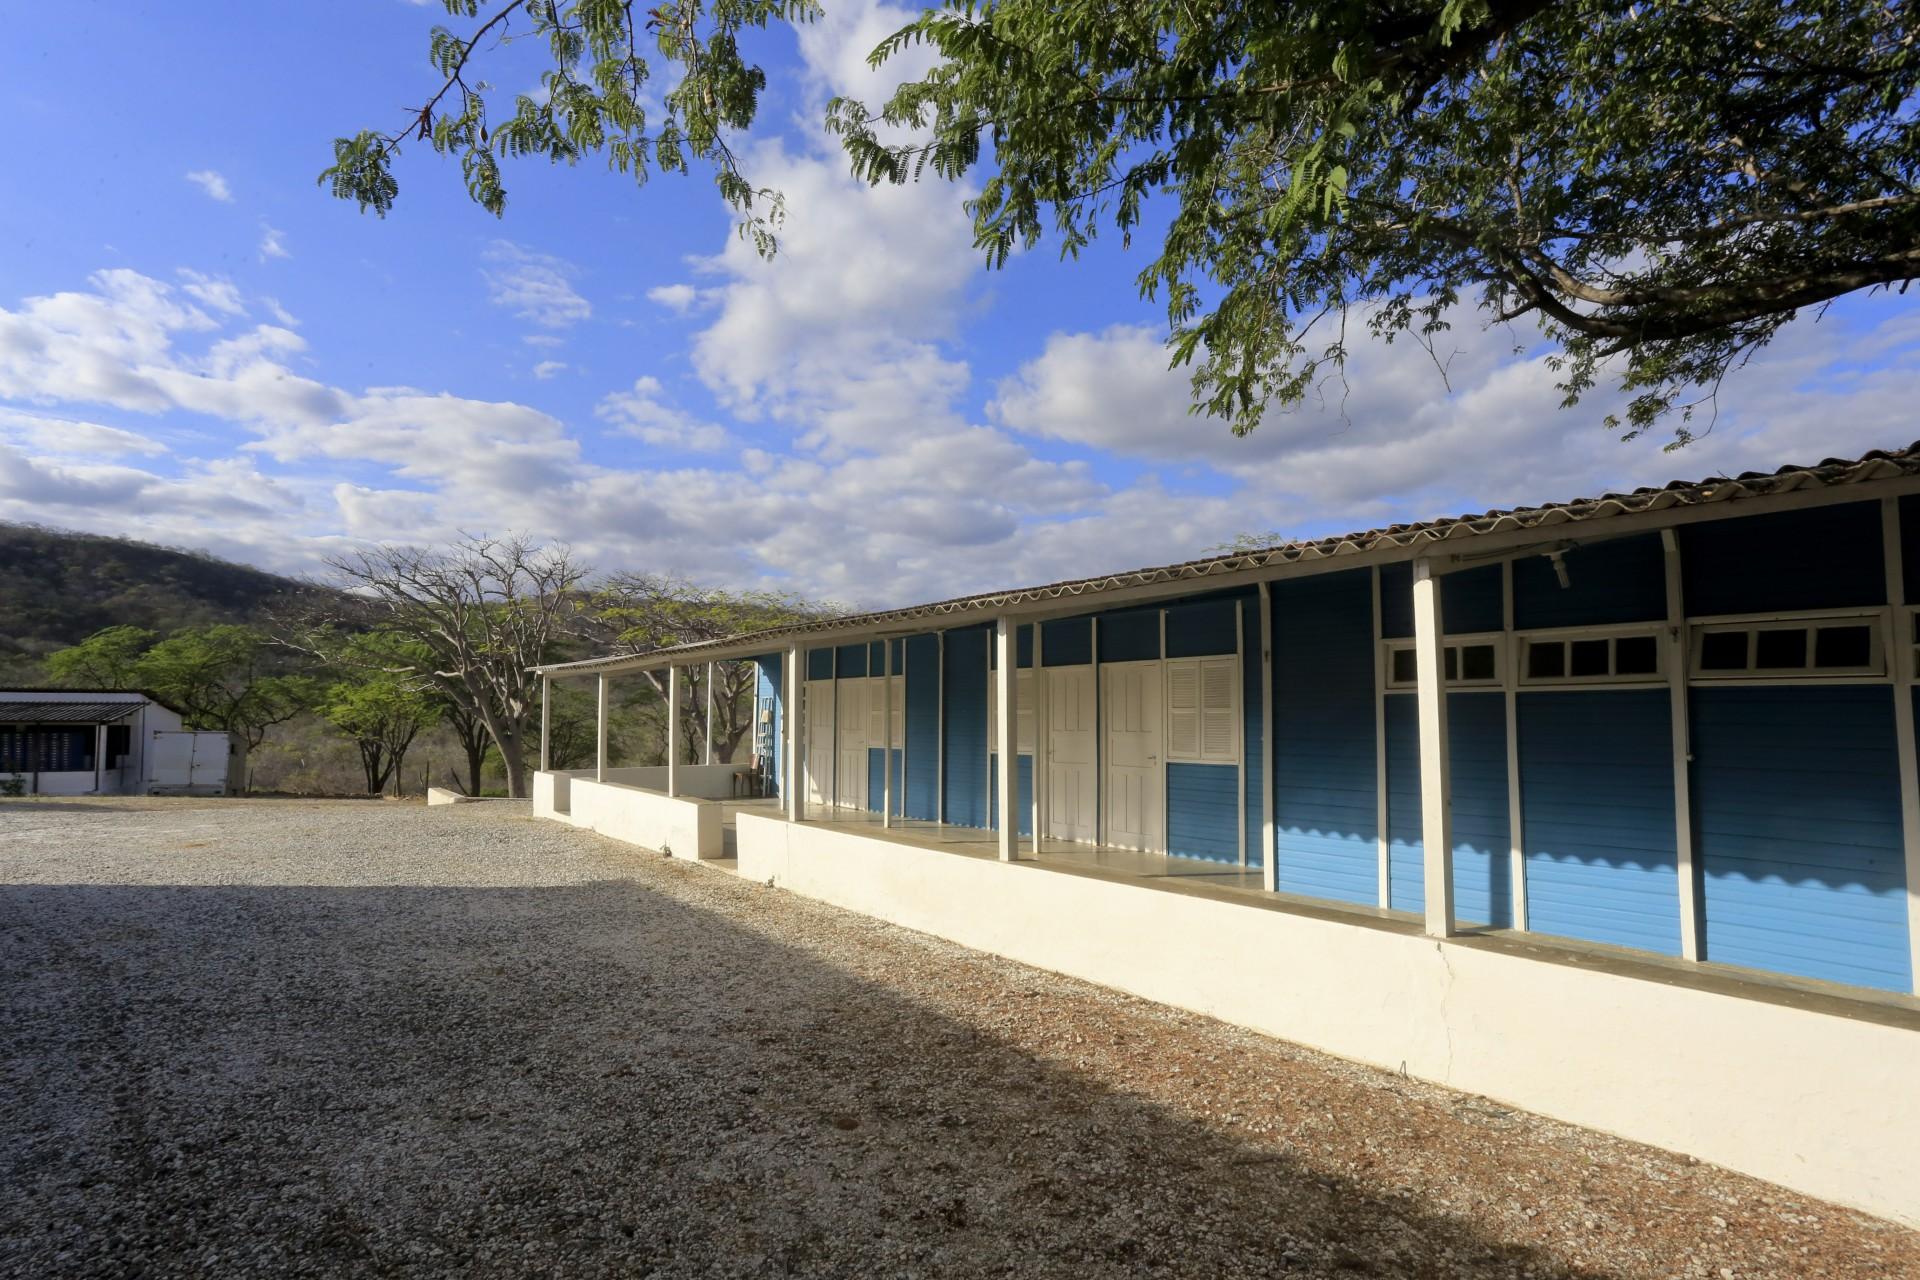 (Foto: O POVO)SANTA QUITÉRIA, CE, BRASIL, 20-07-2015: Acampamento para trabalhadores da mina de urânio e fosfato de Itataia. Mina de urânio (minério) em Santa Quitéria. (Foto: Fábio Lima/O POVO)